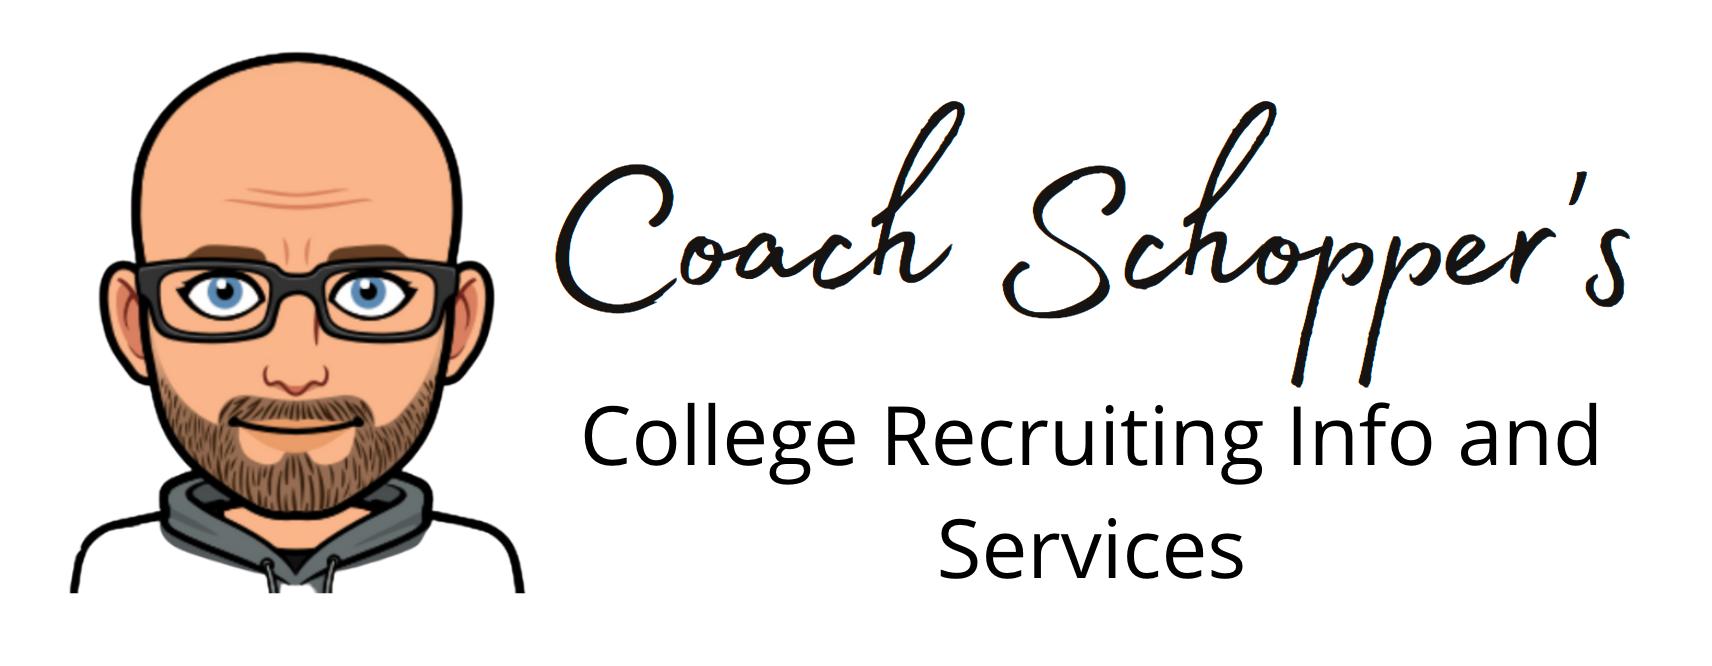 Coach Schopper's Guide to Getting Recruited